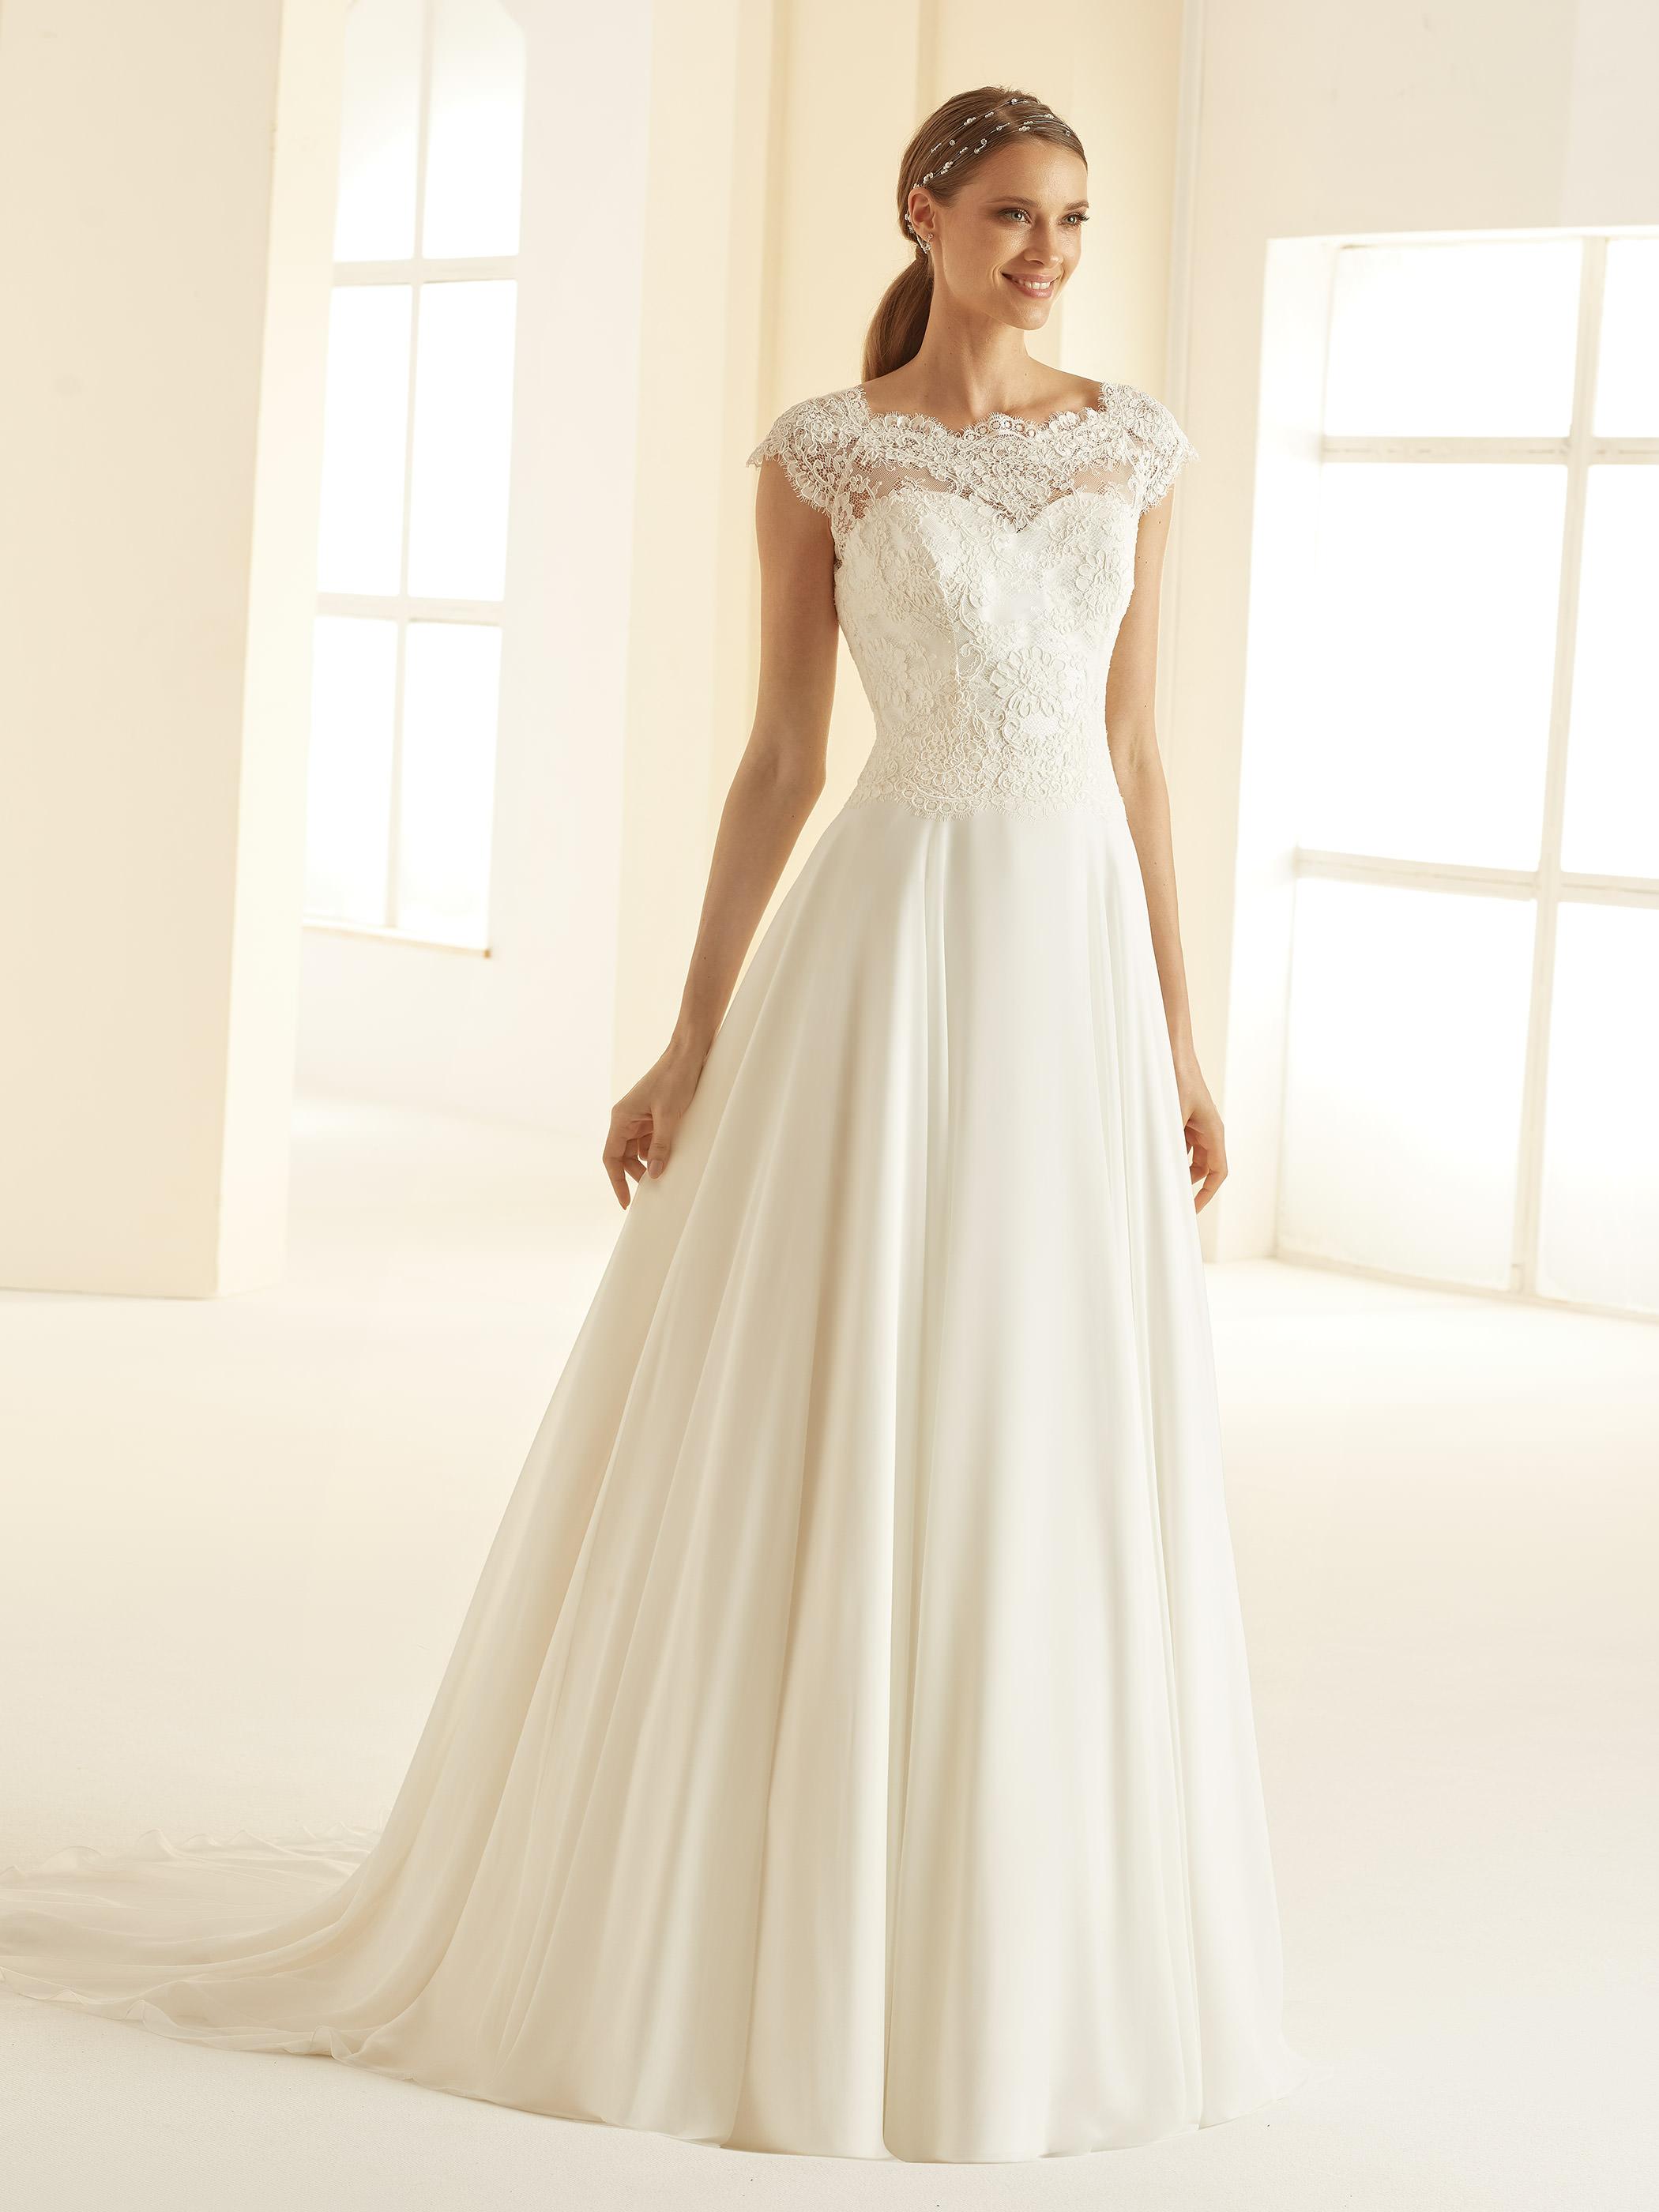 MICHELLE-Bianco-Evento-bridal-dress-(1)